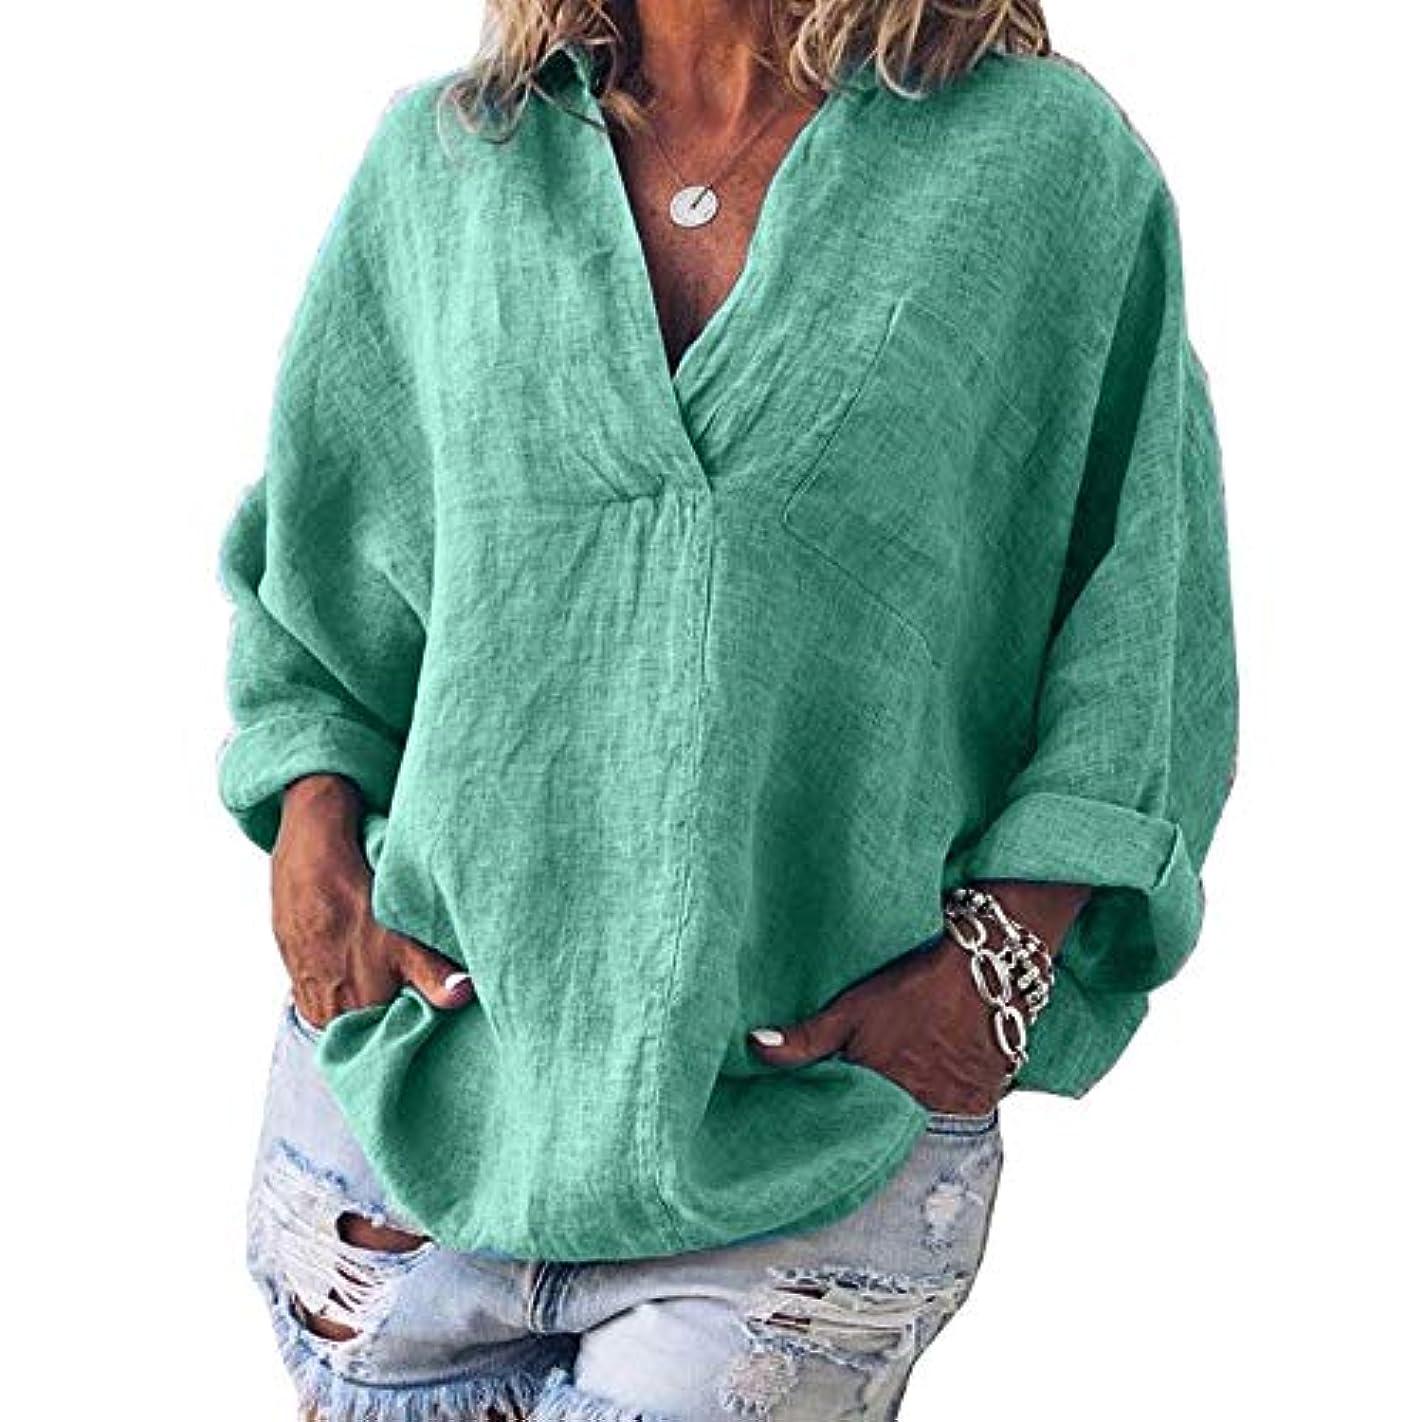 血統無視する範囲MIFAN女性ファッション春夏チュニックトップス深いVネックTシャツ長袖プルオーバールーズリネンブラウス